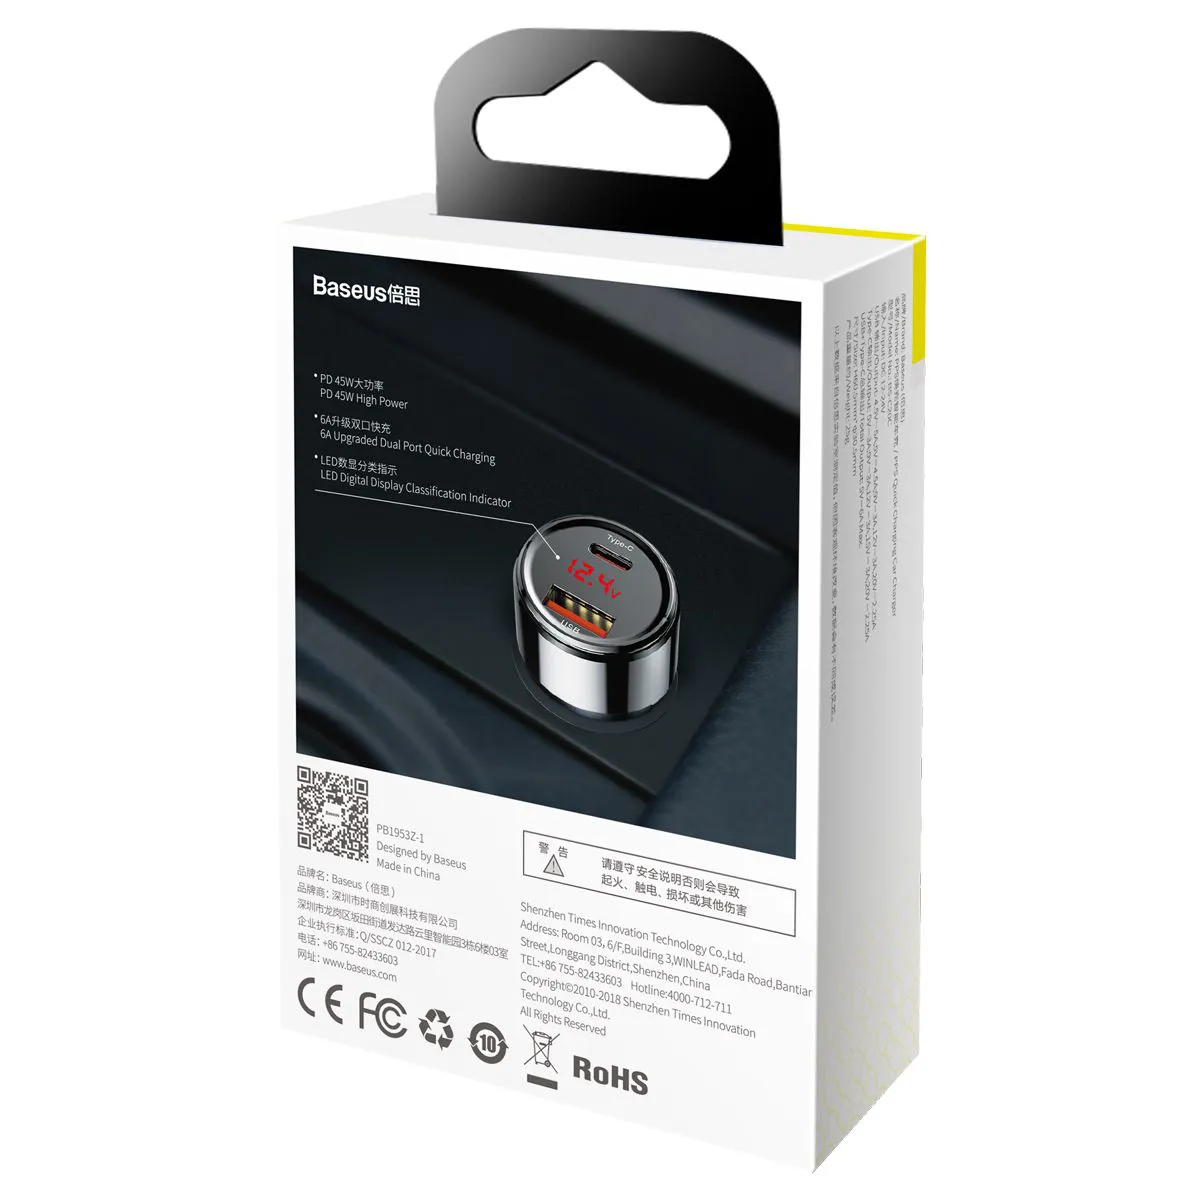 Carregador Veicular Turbo PD Baseus Magic 6a 45w Usb Qc 3.0 Usbc QC4.0 Preto